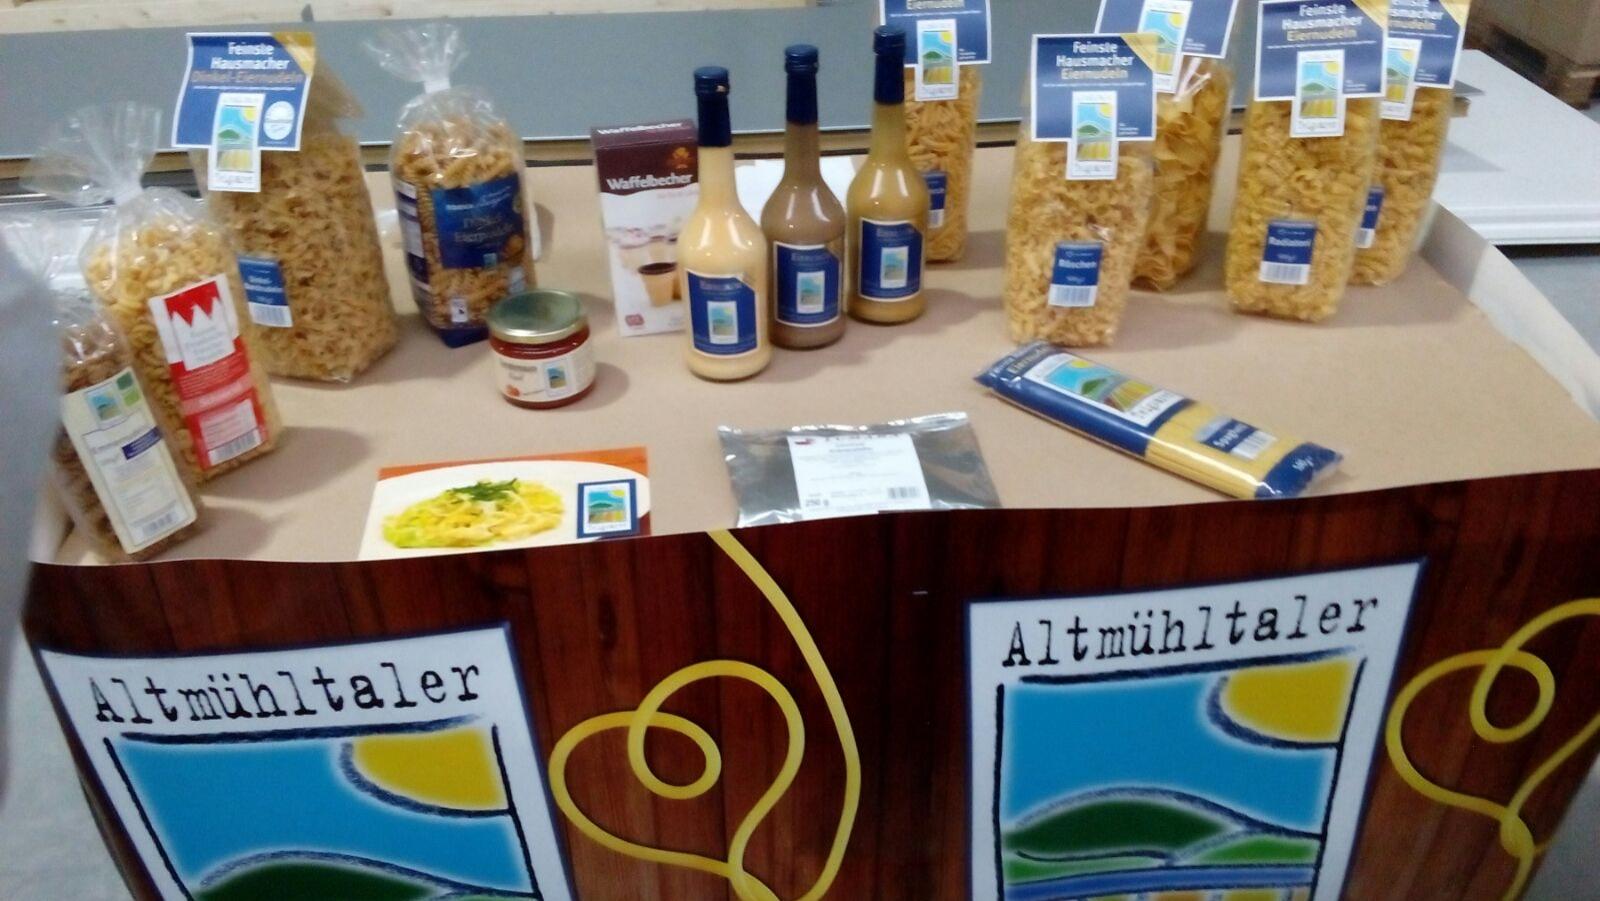 Produkte der Nudelfabrik, die wir anschließend im Hofladen erwerben konnten.